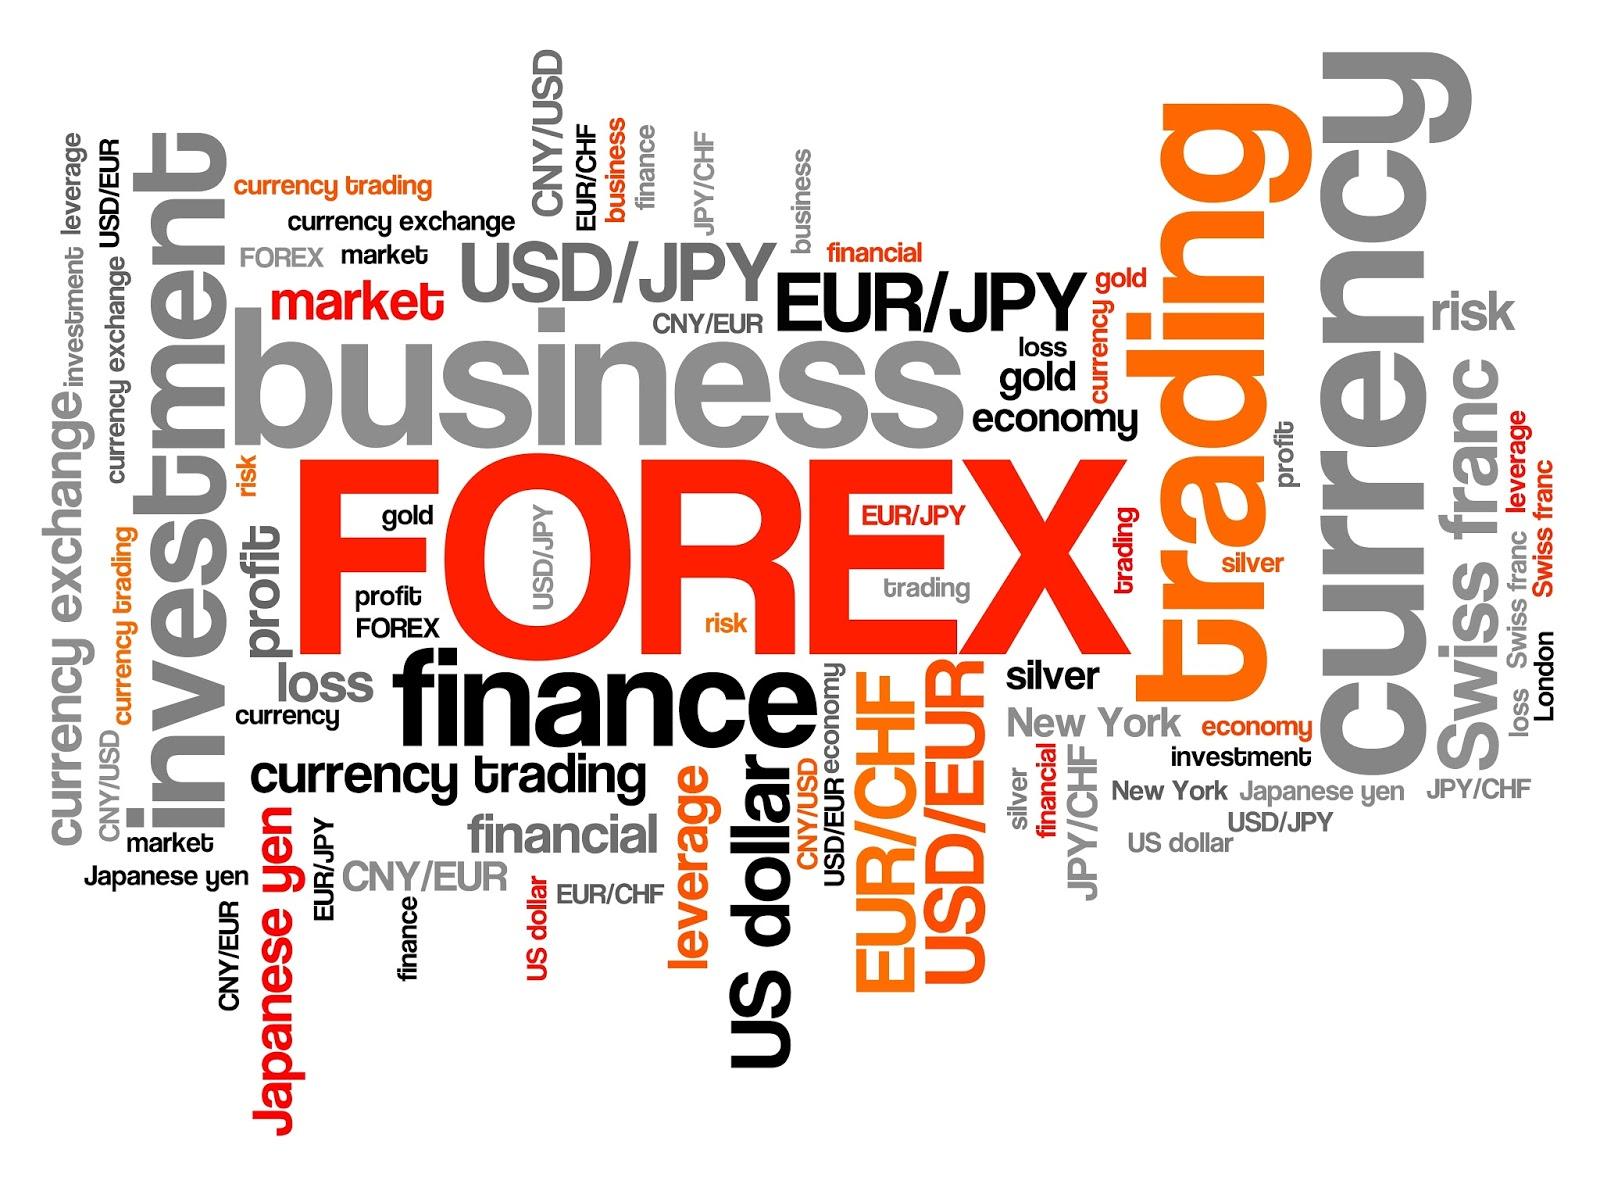 Pengenalan mengenai forex